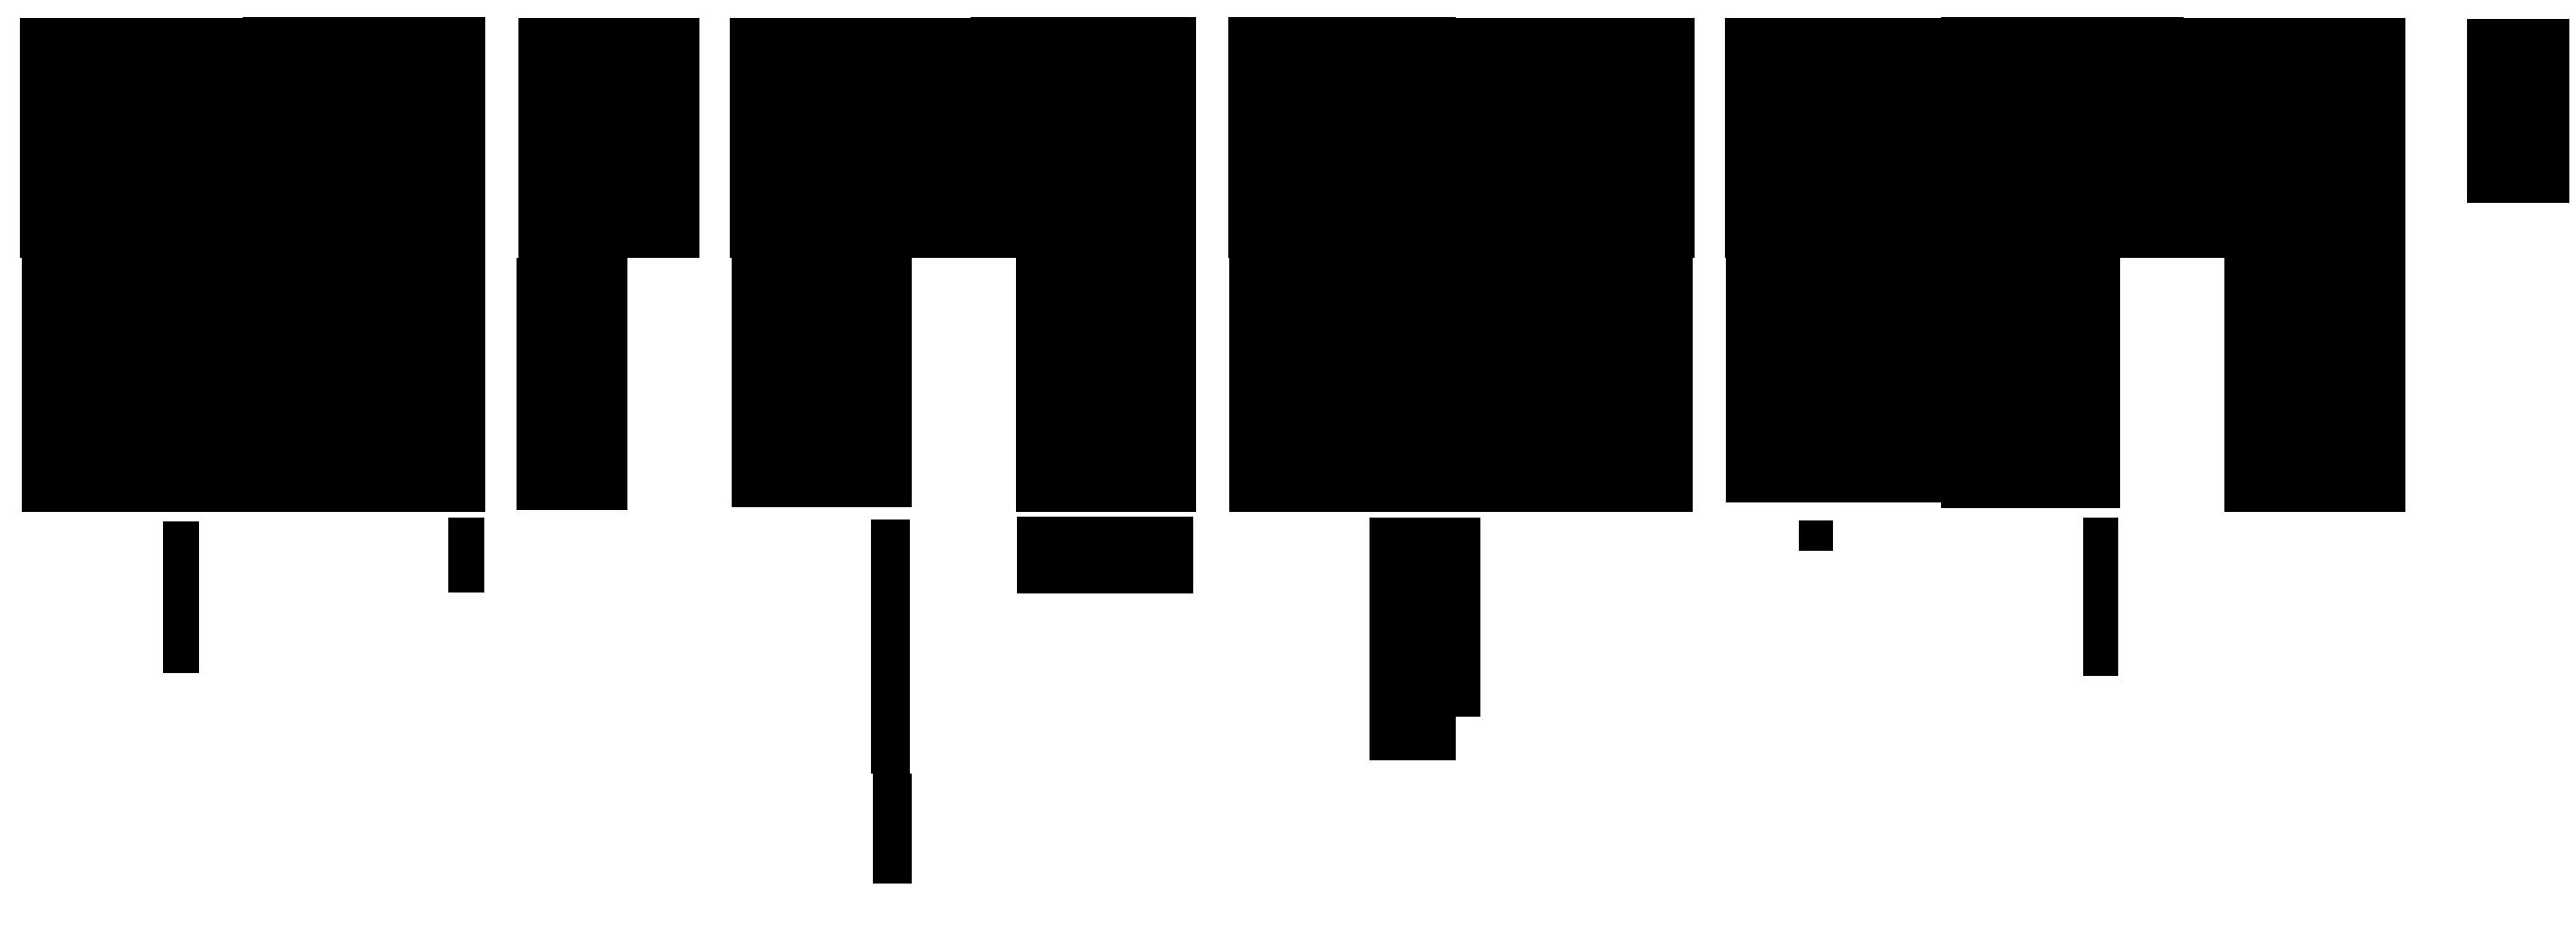 鈴木詩130621-1